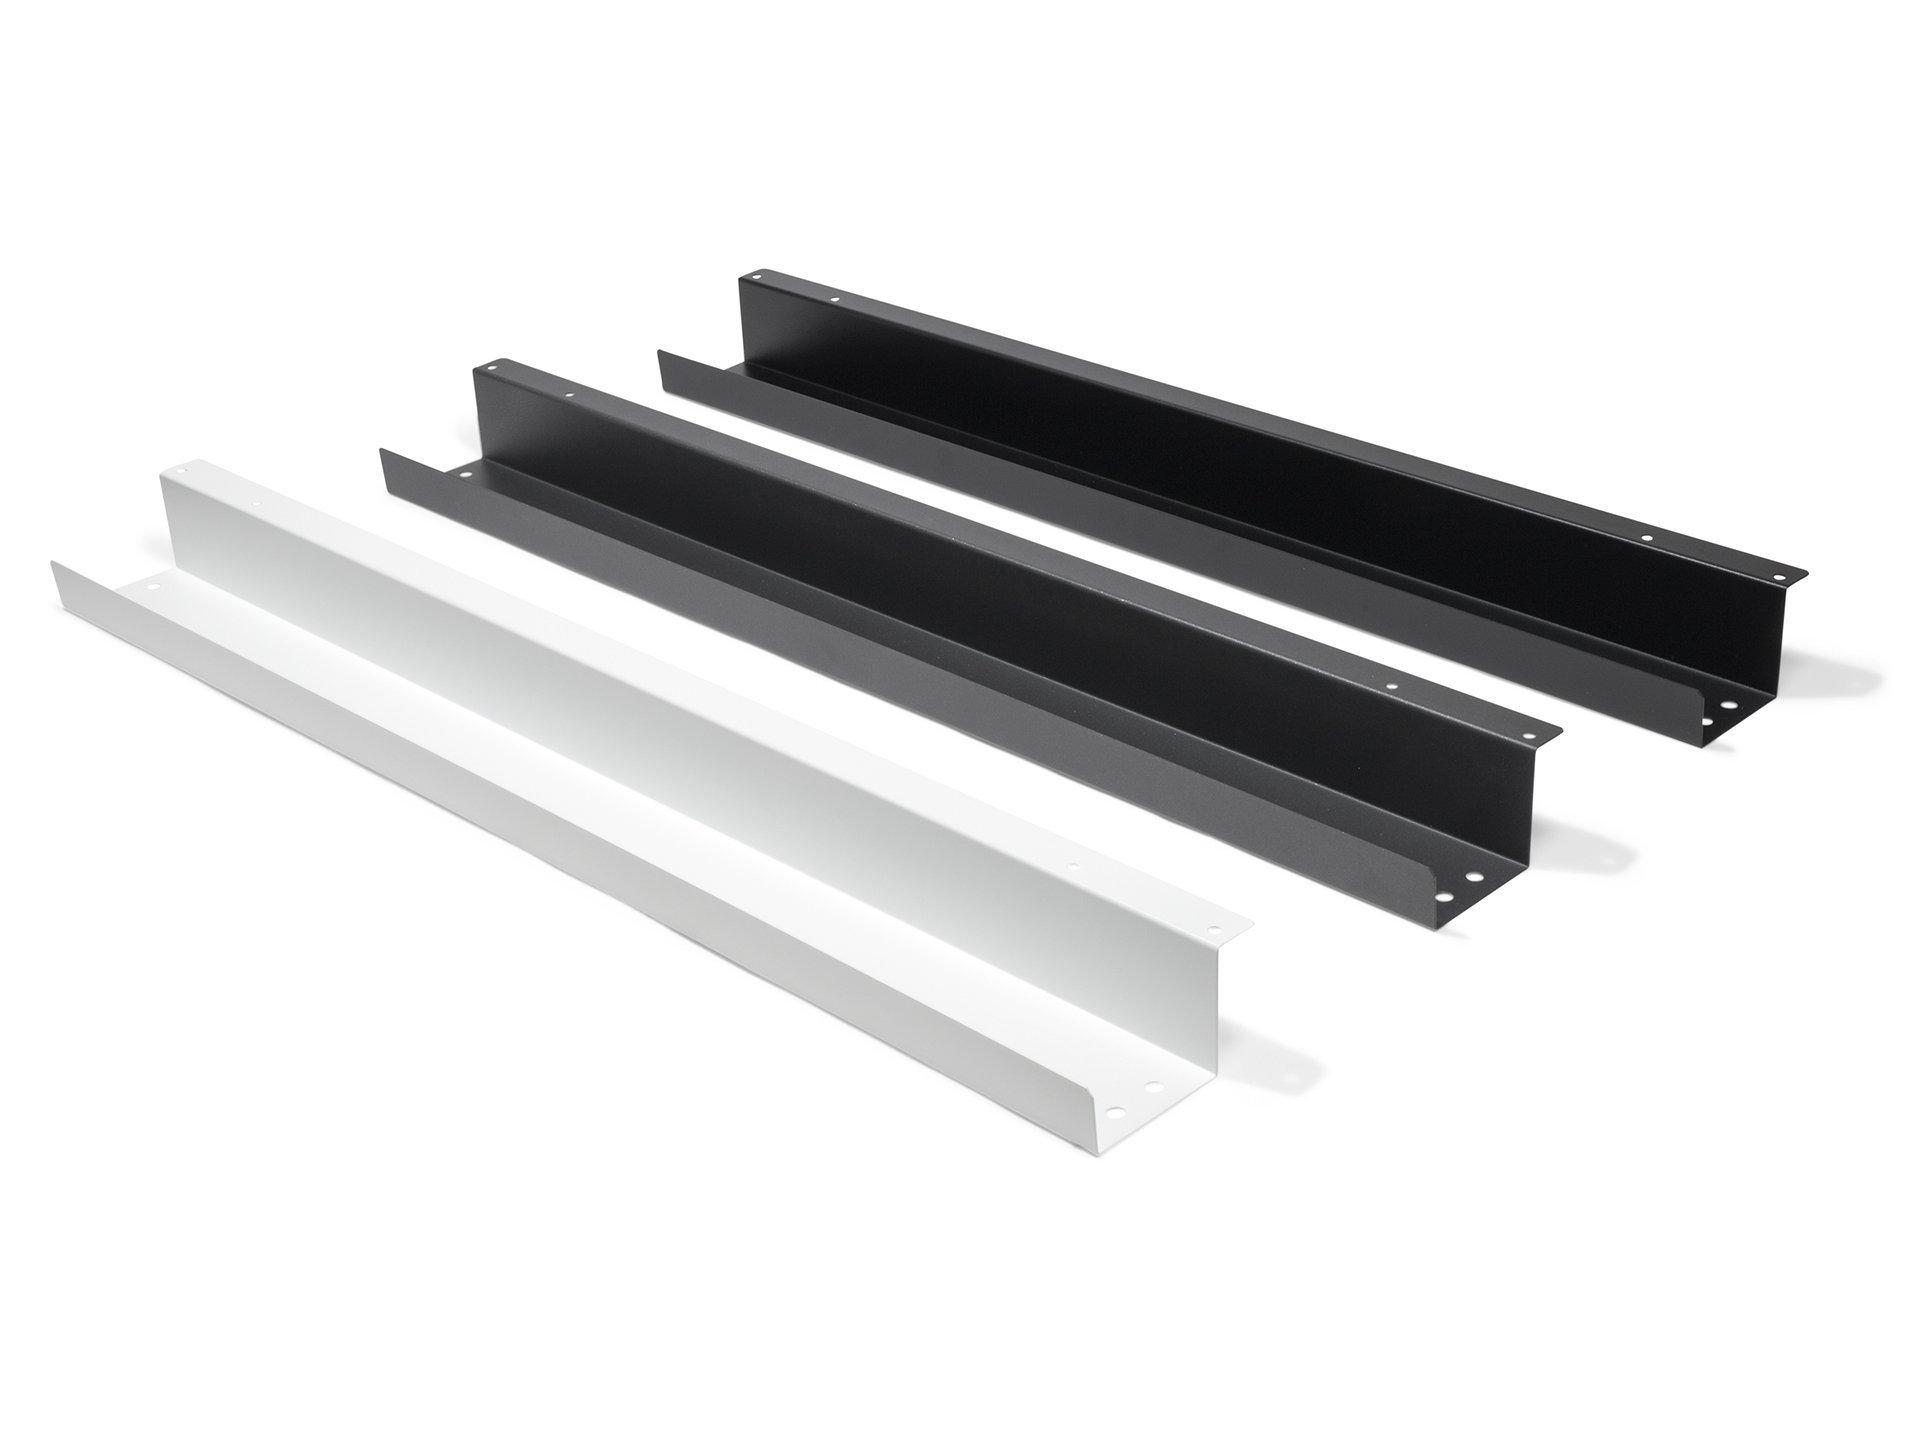 Kabelkanal für Modulor Tischgestelle kaufen | Modulor